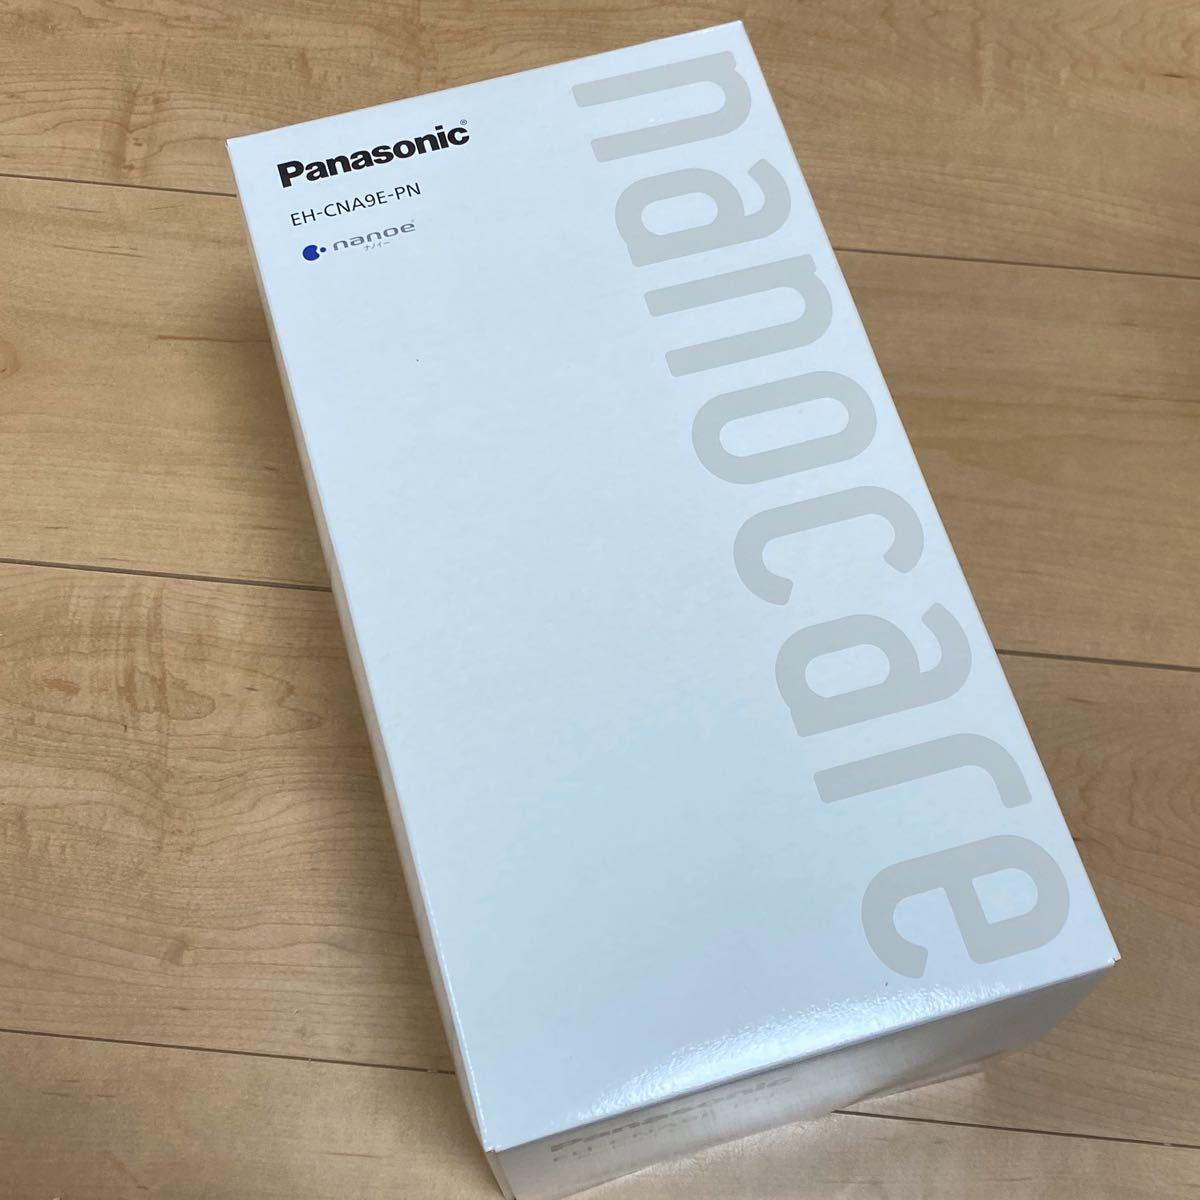 【新品未開封品】パナソニック Panasonic ヘアードライヤー ナノケア ピンクゴールド EH-CNA9E-PN